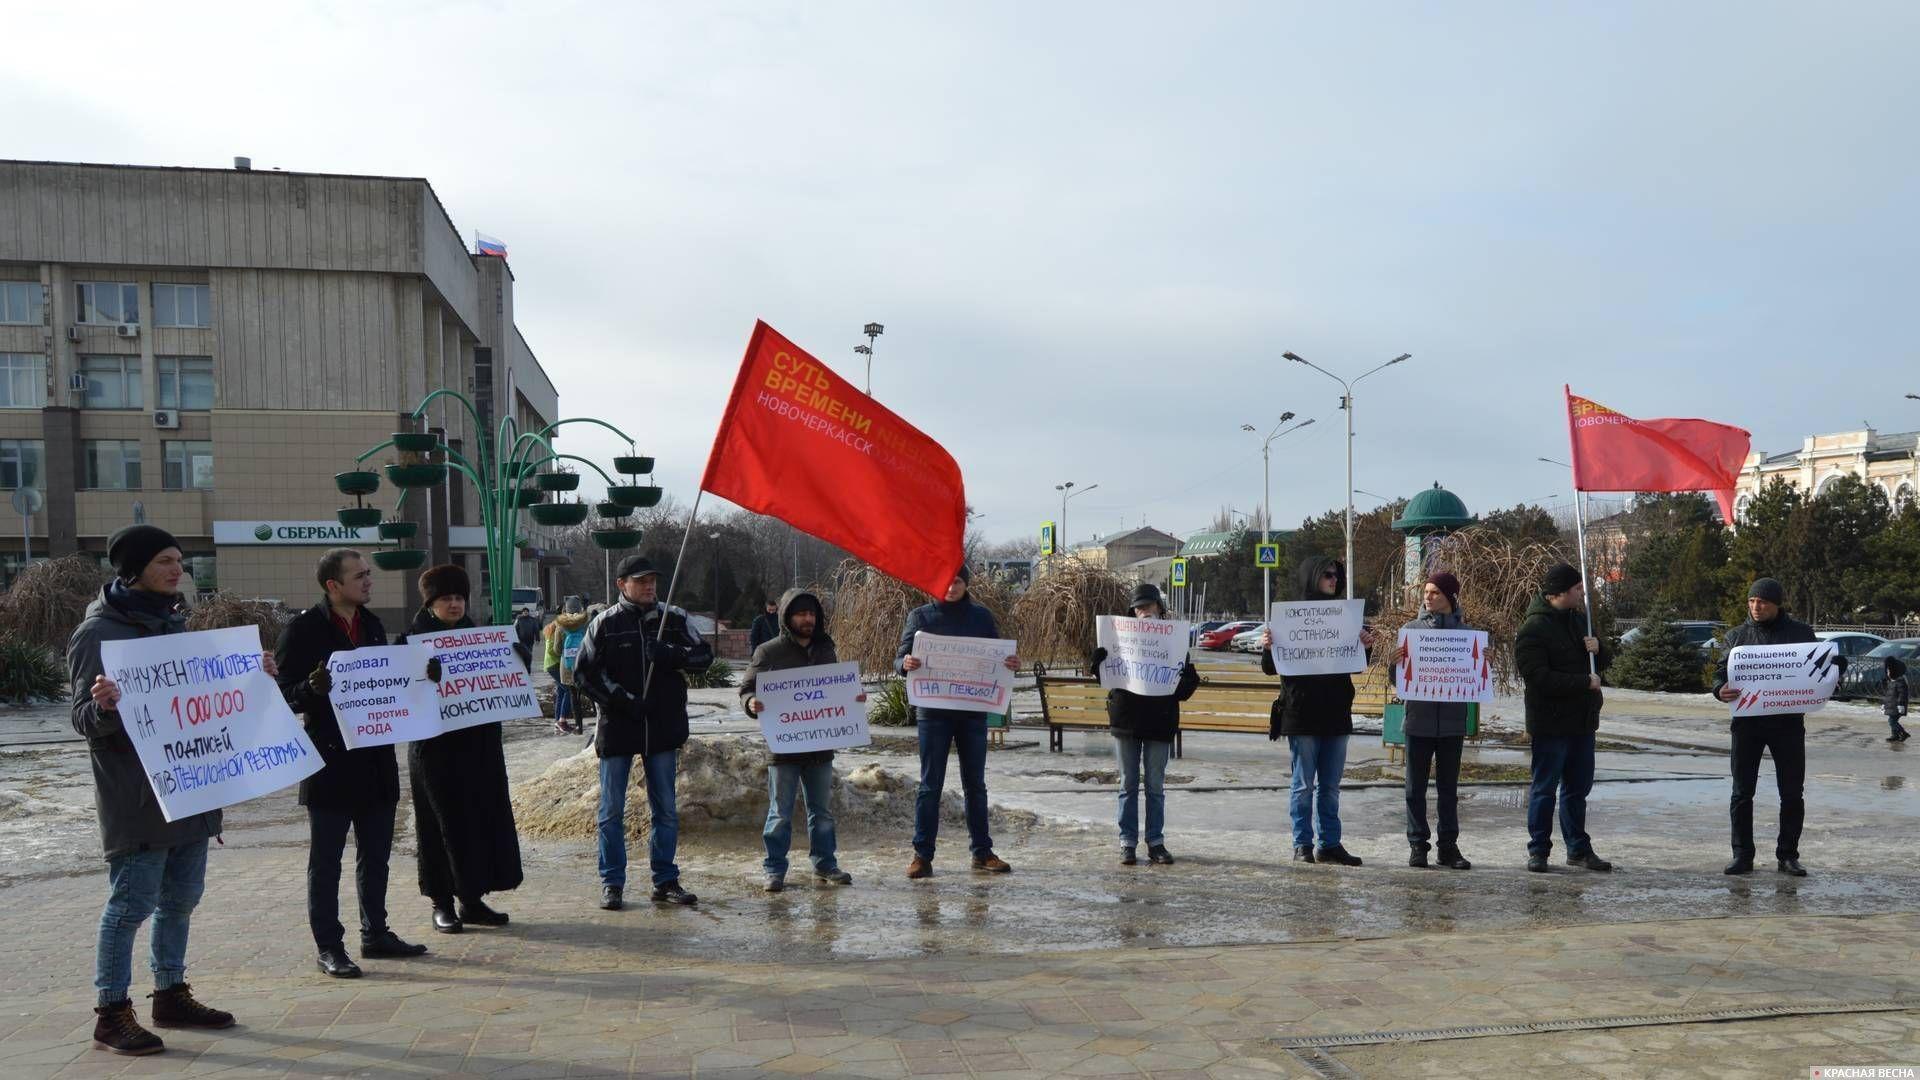 Пикет против пенсионной реформы. Новочеркасск